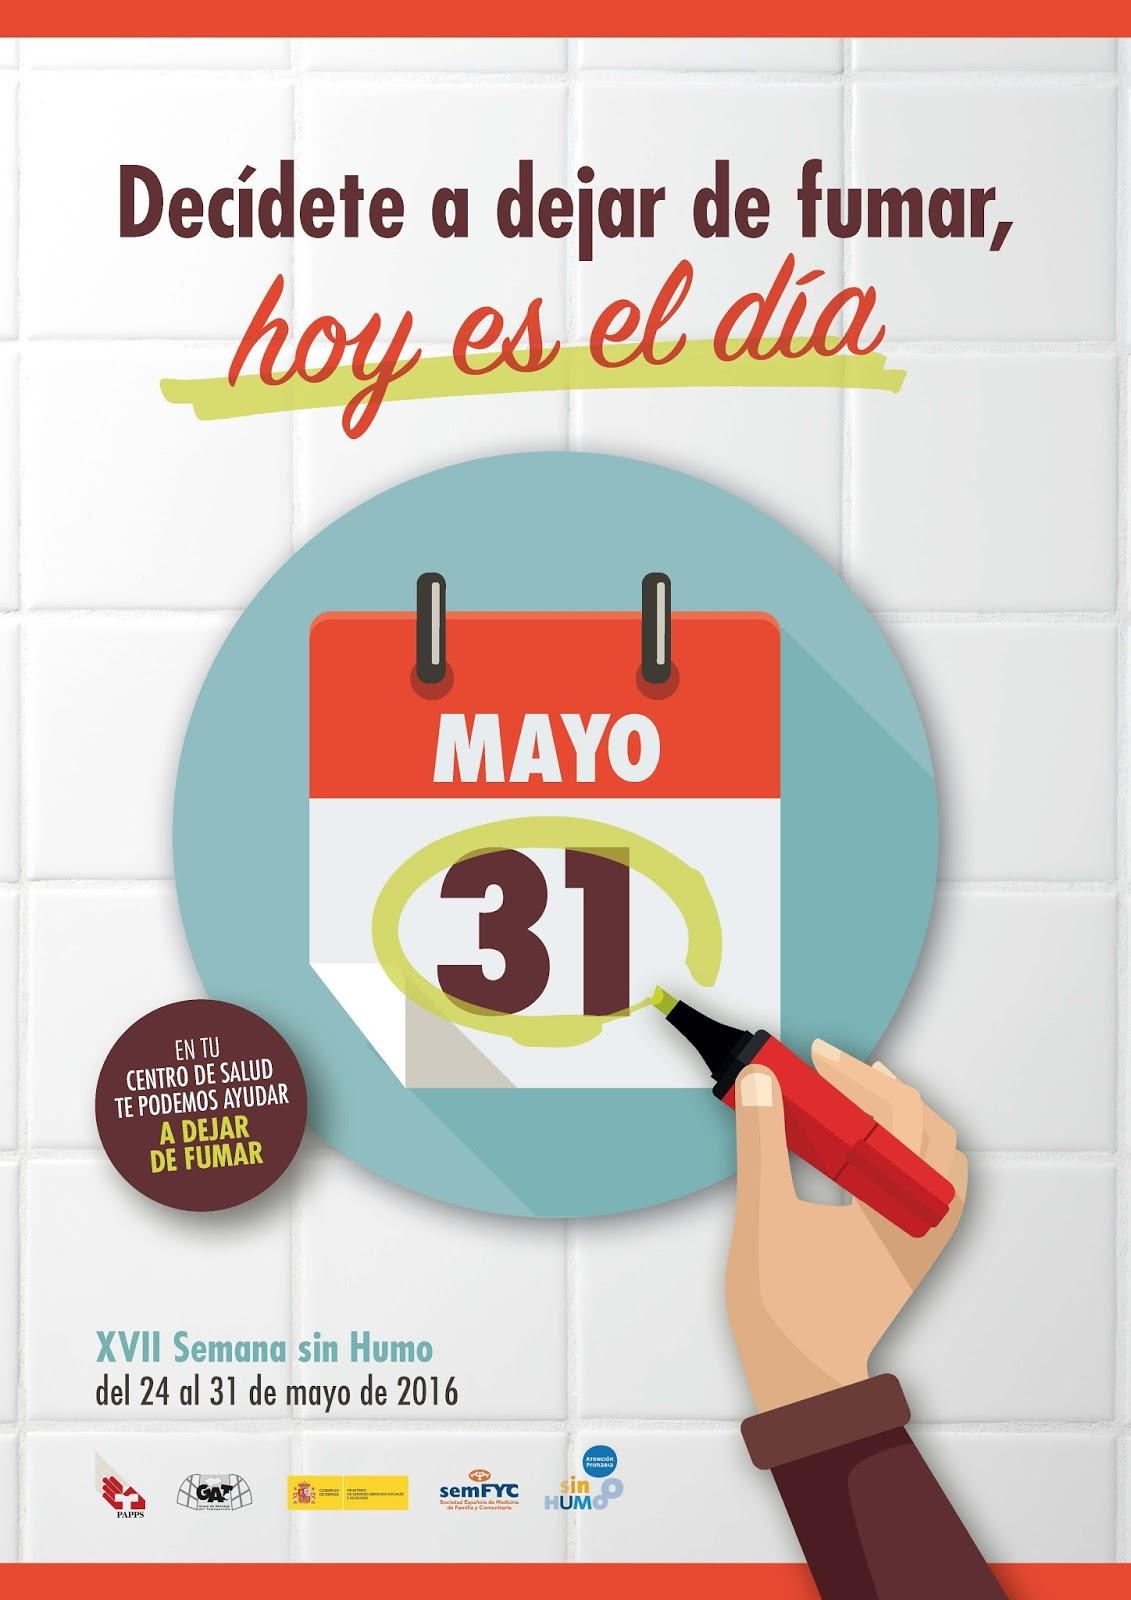 D a mundial sin tabaco 31 de mayo for Cuarto dia sin fumar